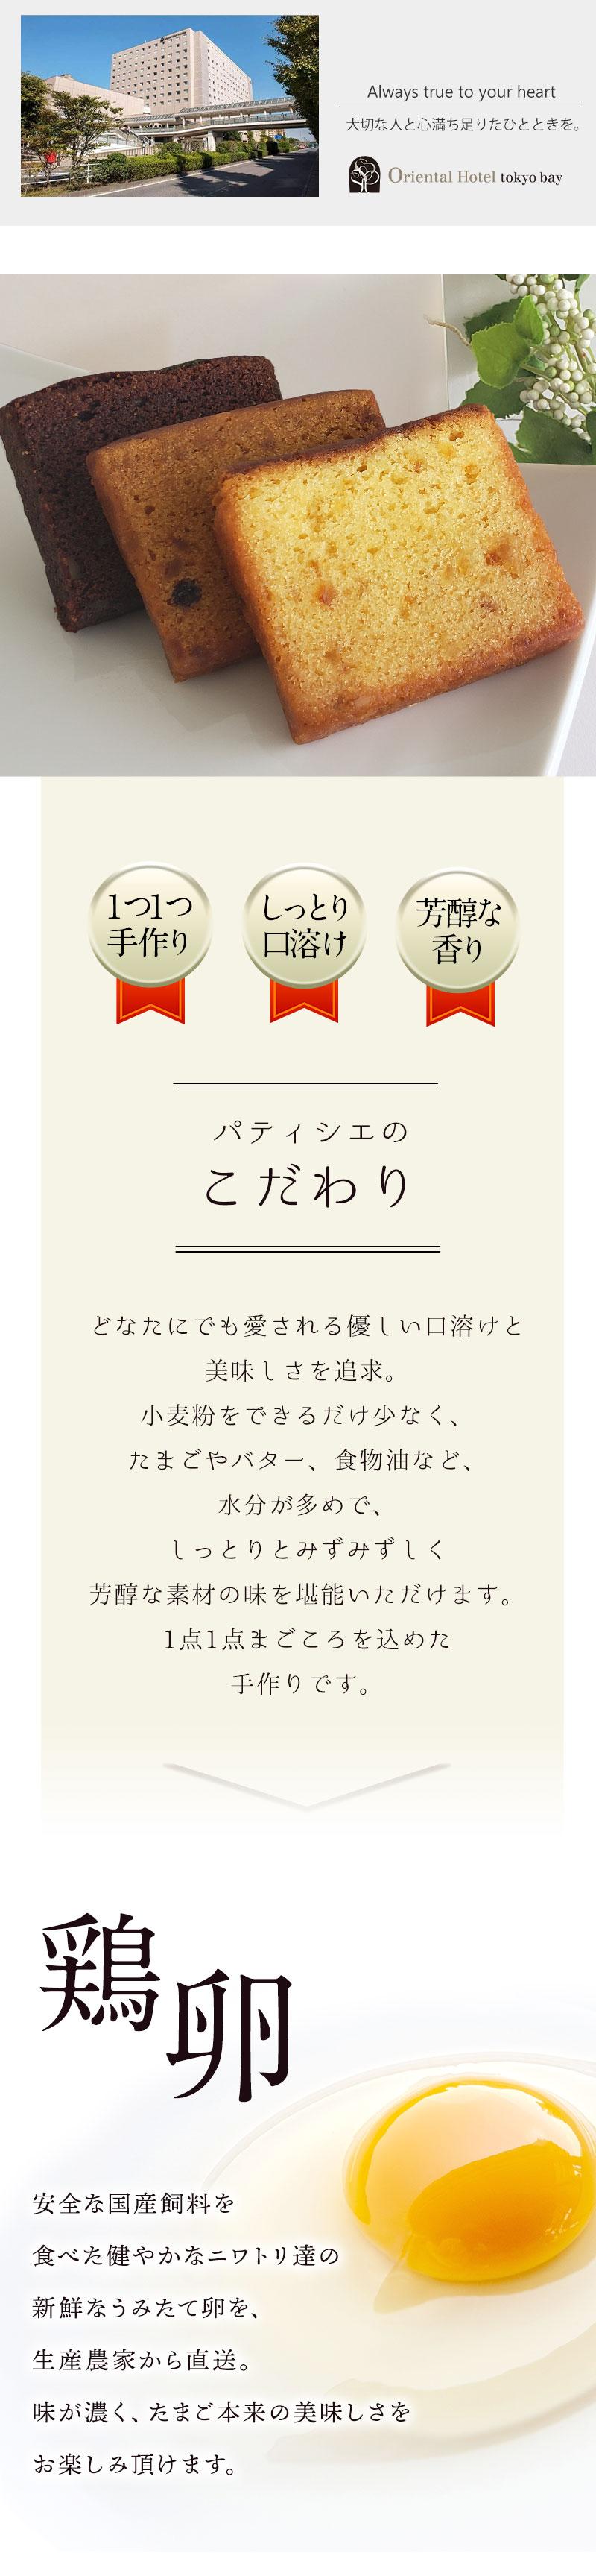 オリエンタルホテル 東京ベイ コラボホテルスイーツ 母の日 ギフト